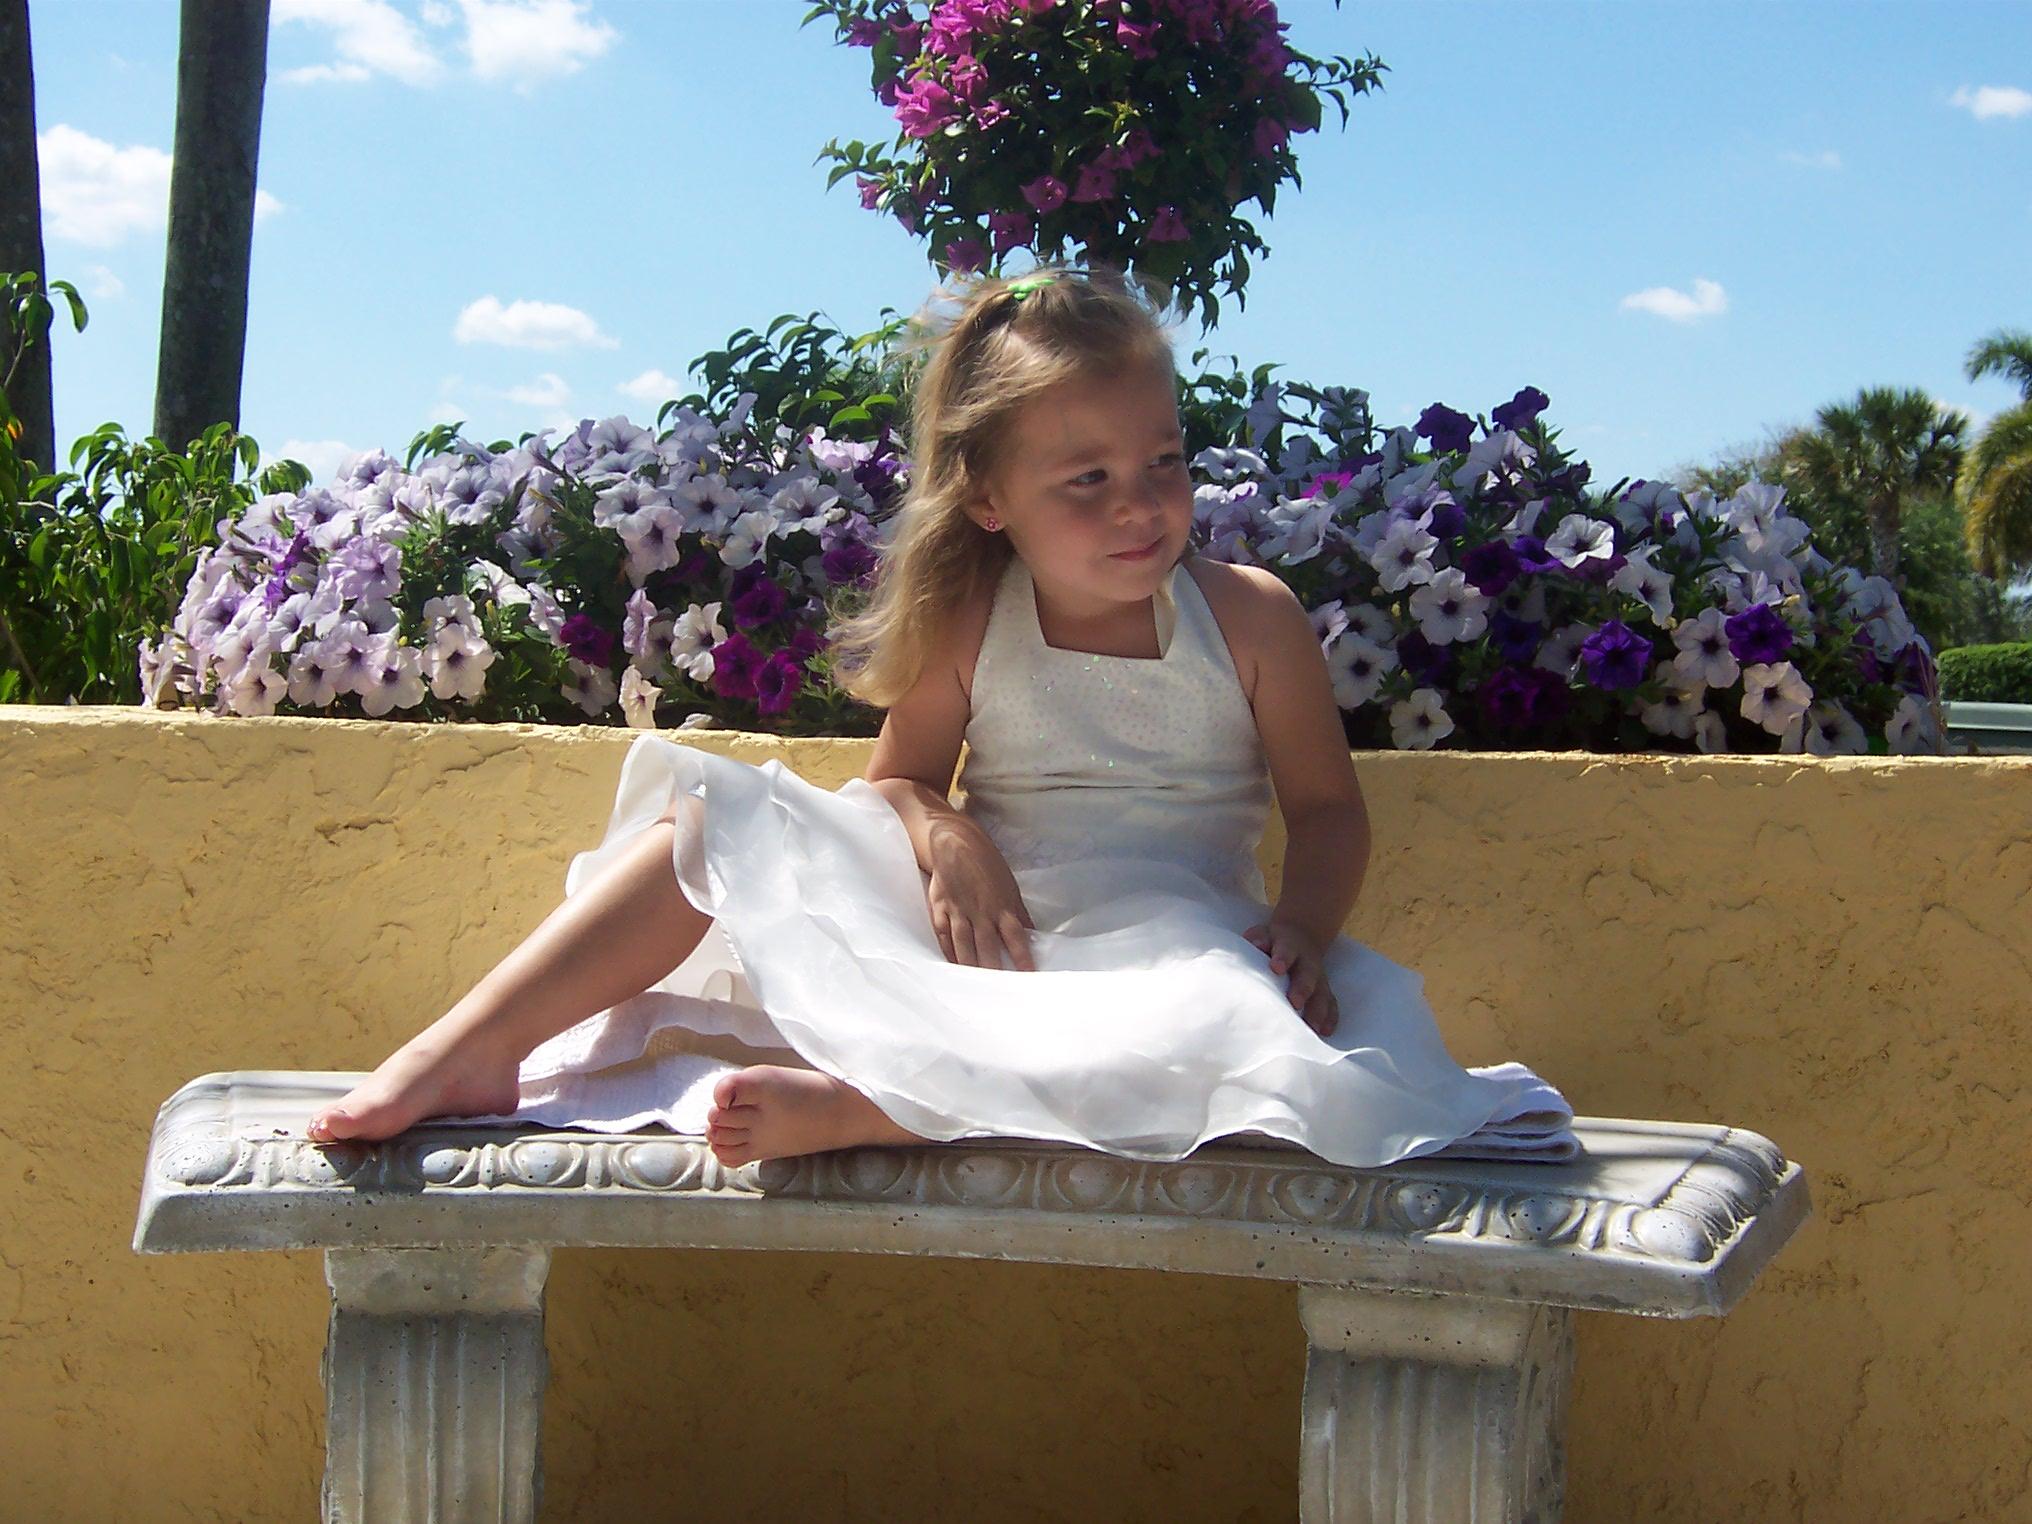 http://orig10.deviantart.net/df4e/f/2009/122/2/5/girl_in_white_dress_7_by_sbg_crewstock.jpg